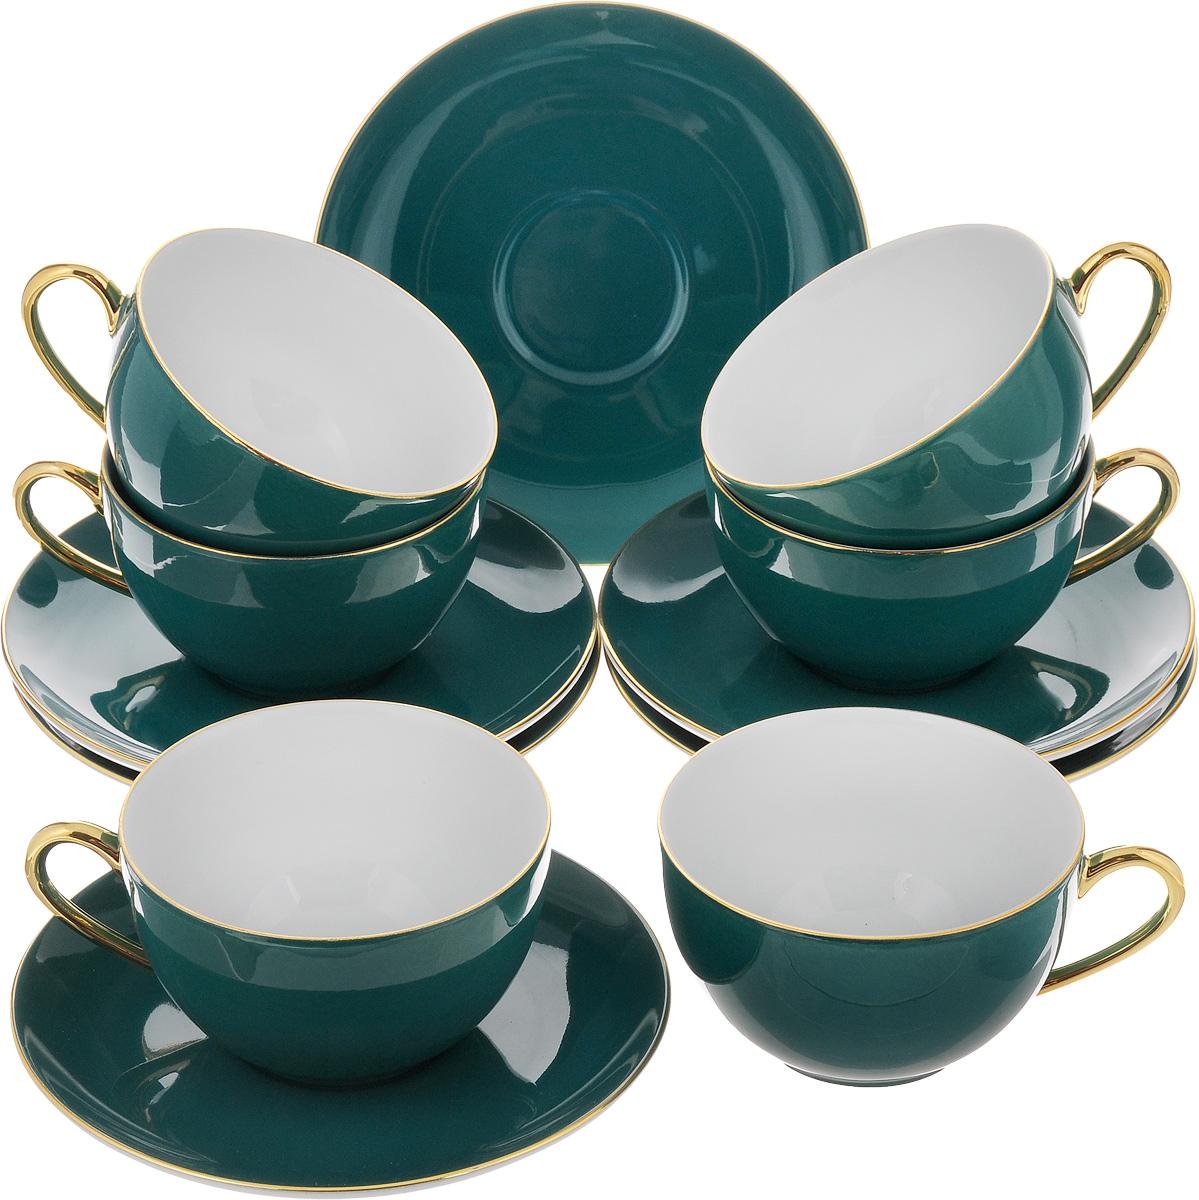 Набор чайный Yves De La Rosiere Monalisa, цвет: темно-бирюзовый, 12 предметов619501 3123Чайный набор Yves De La Rosiere Monalisa состоит из 6 чашек и 6 блюдец, изготовленных из высококачественного фарфора. Такой набор прекрасно дополнит сервировку стола к чаепитию, а также станет замечательным подарком для ваших друзей и близких. Объем чашки: 220 мл. Диаметр чашки по верхнему краю: 9,5 см. Высота чашки: 5,5 см. Диаметр блюдца: 15 см. Высота блюдца: 2 см.